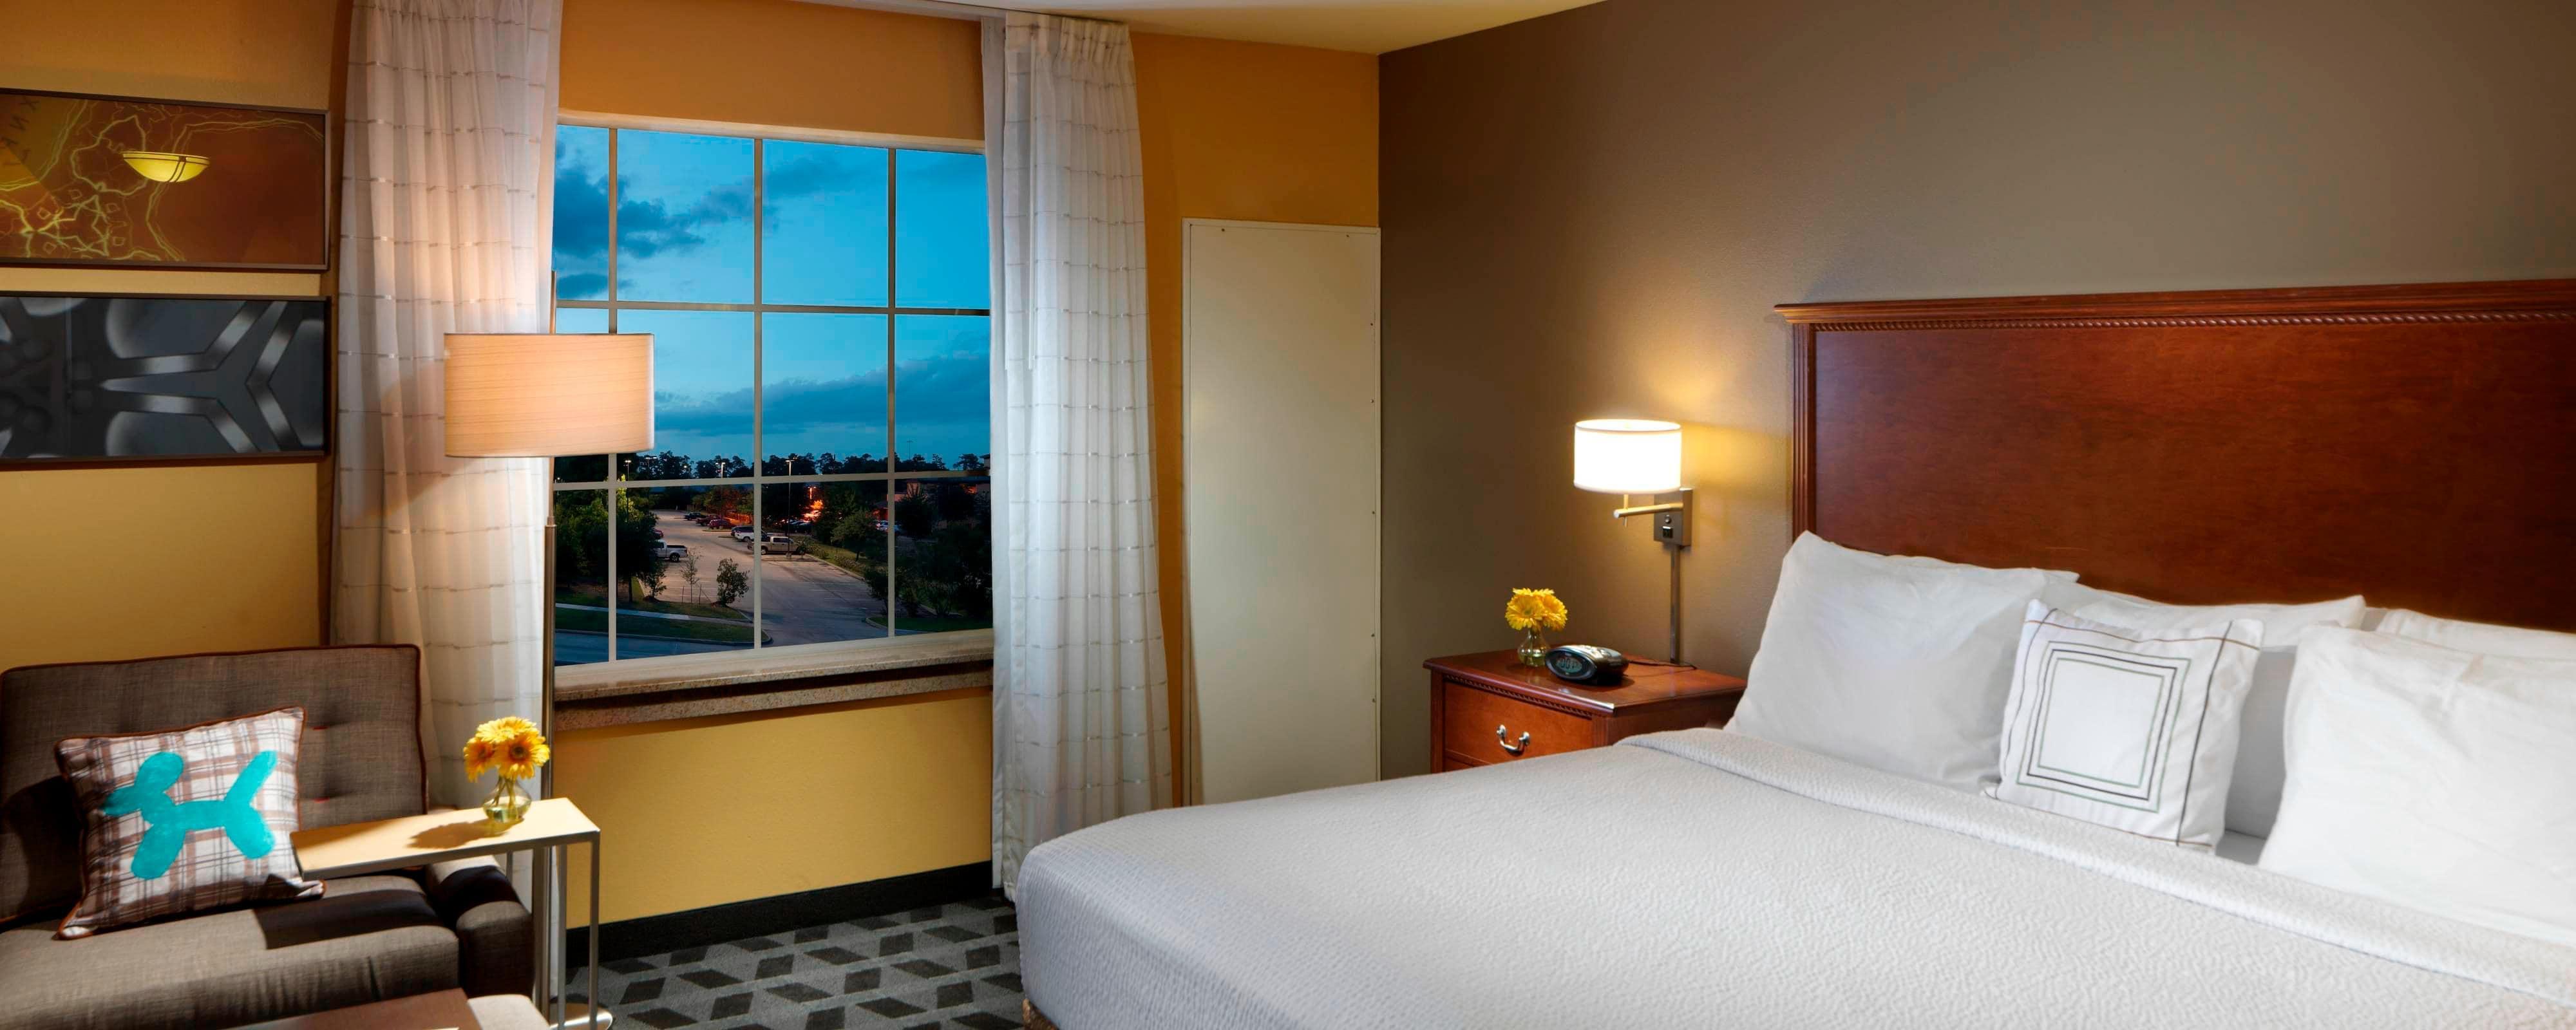 Houston Hotel Room